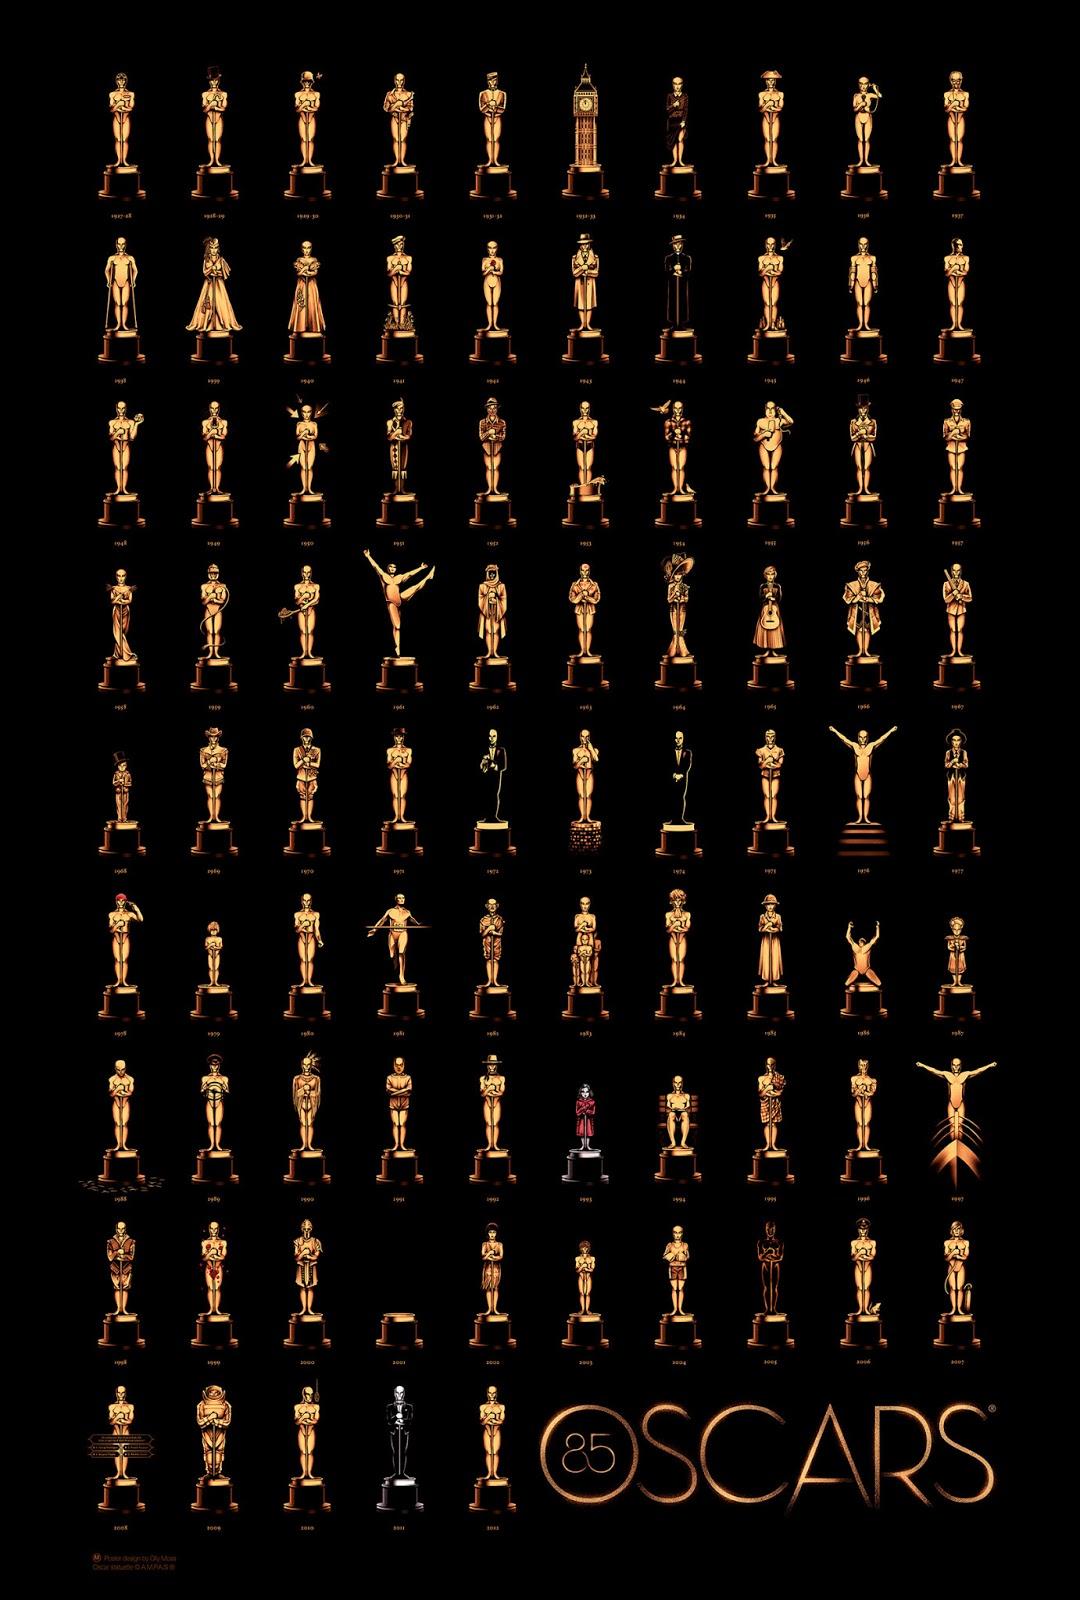 http://4.bp.blogspot.com/-dkm7llQ3-zE/URmBCLwXr6I/AAAAAAAAaDs/6LBk4_rfSe4/s1600/Oscars+by+Olly+Moss.jpg